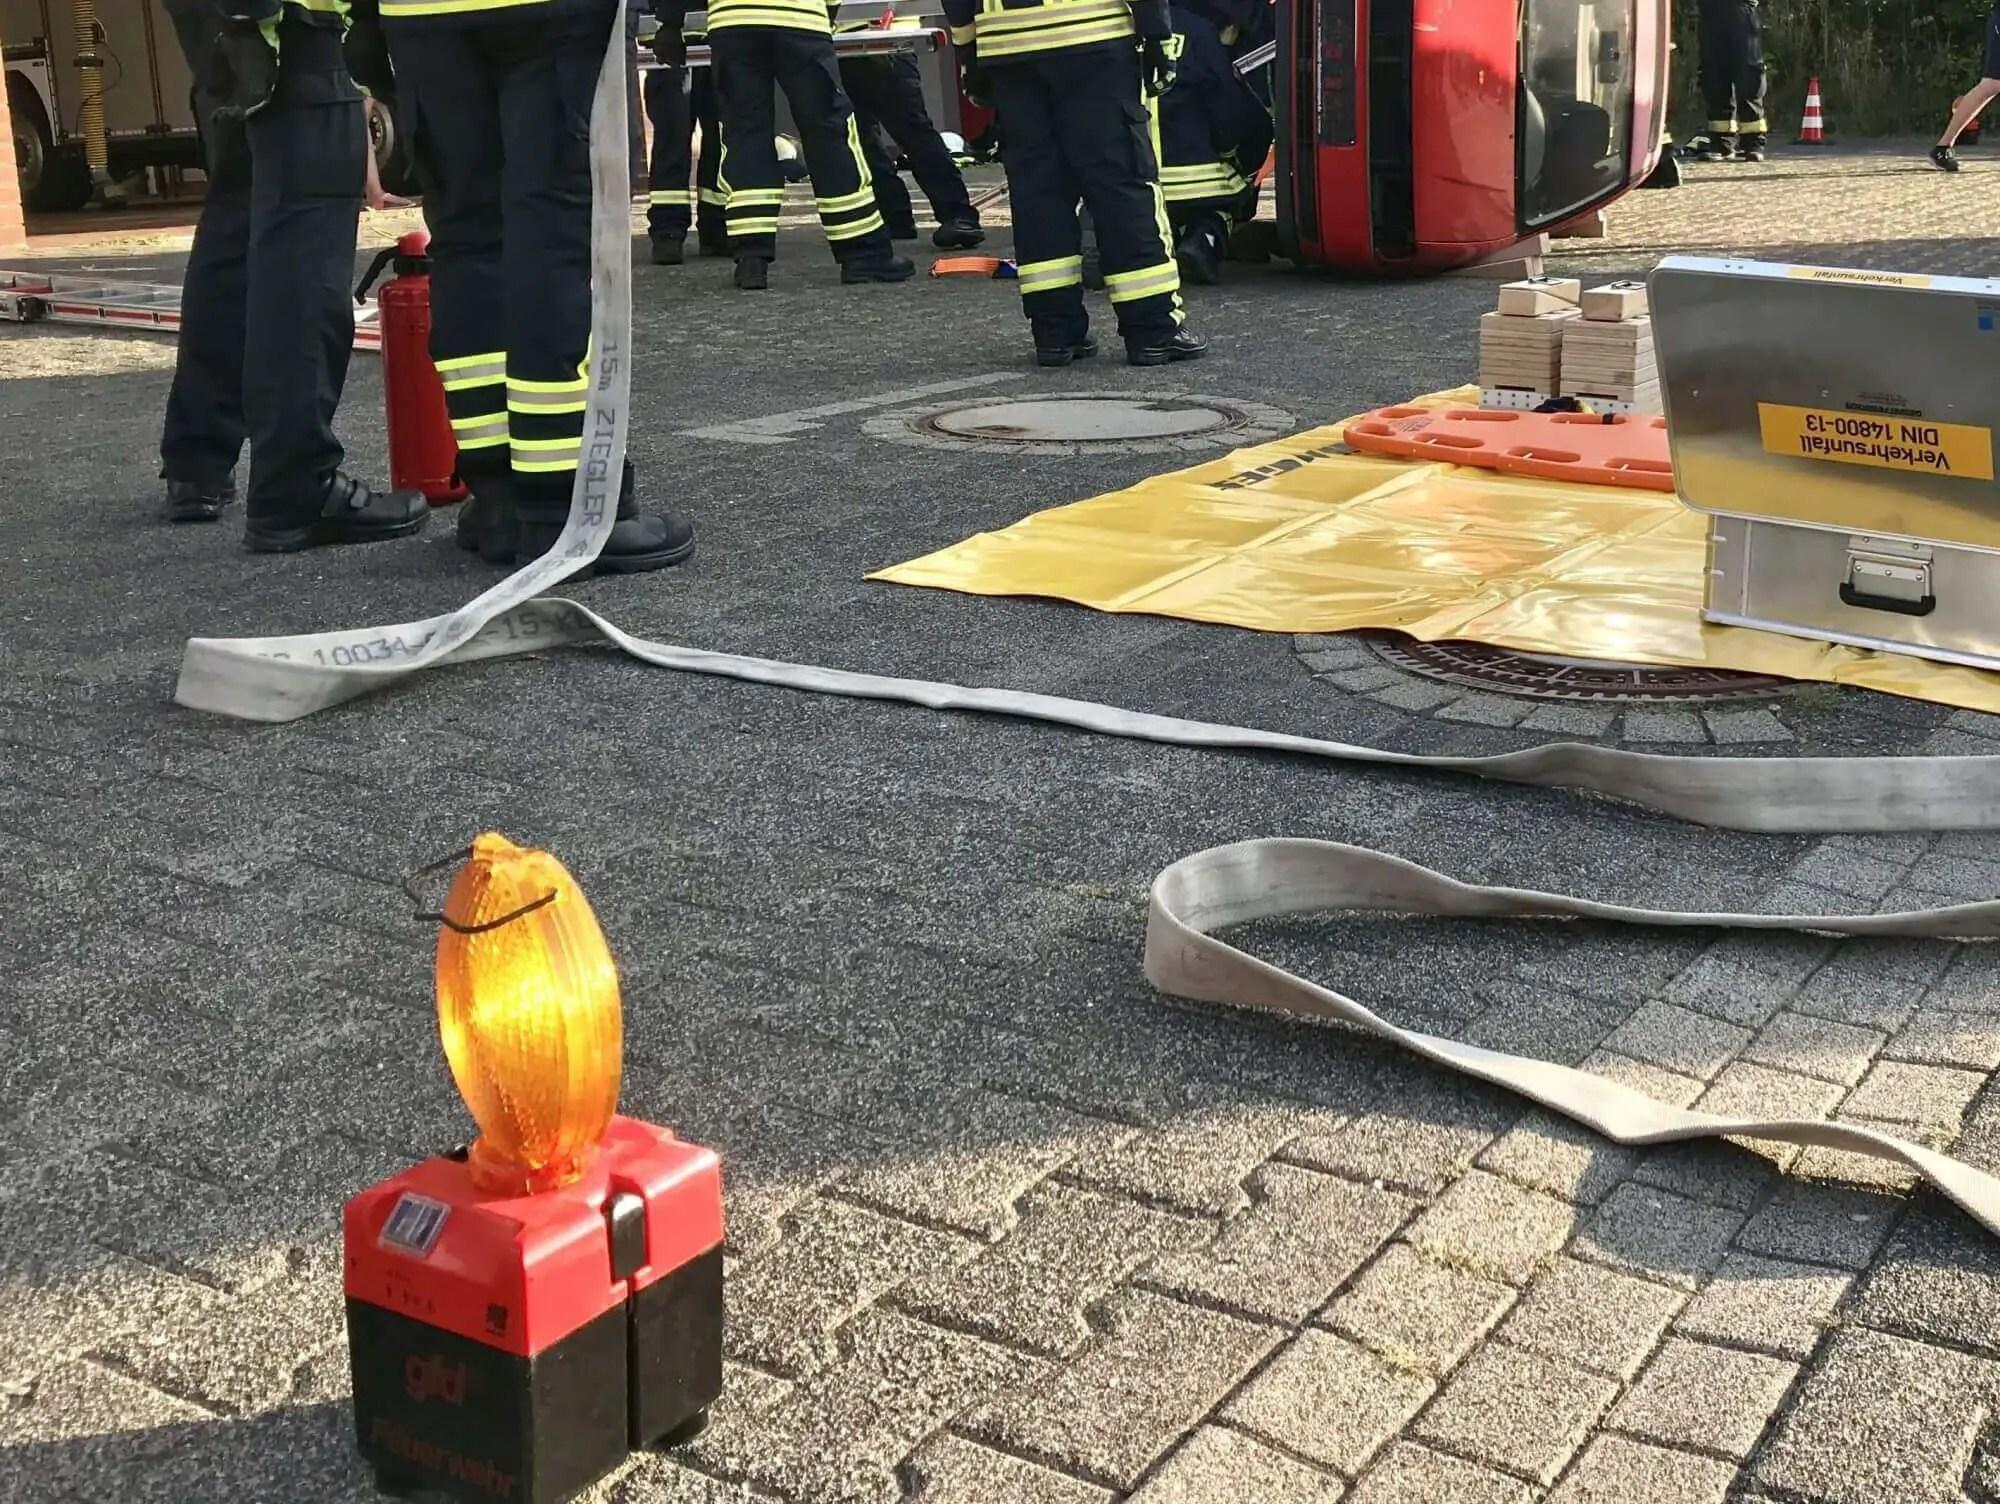 Rheinische Post: Freiwillige Feuerwehr muss entlastet werden